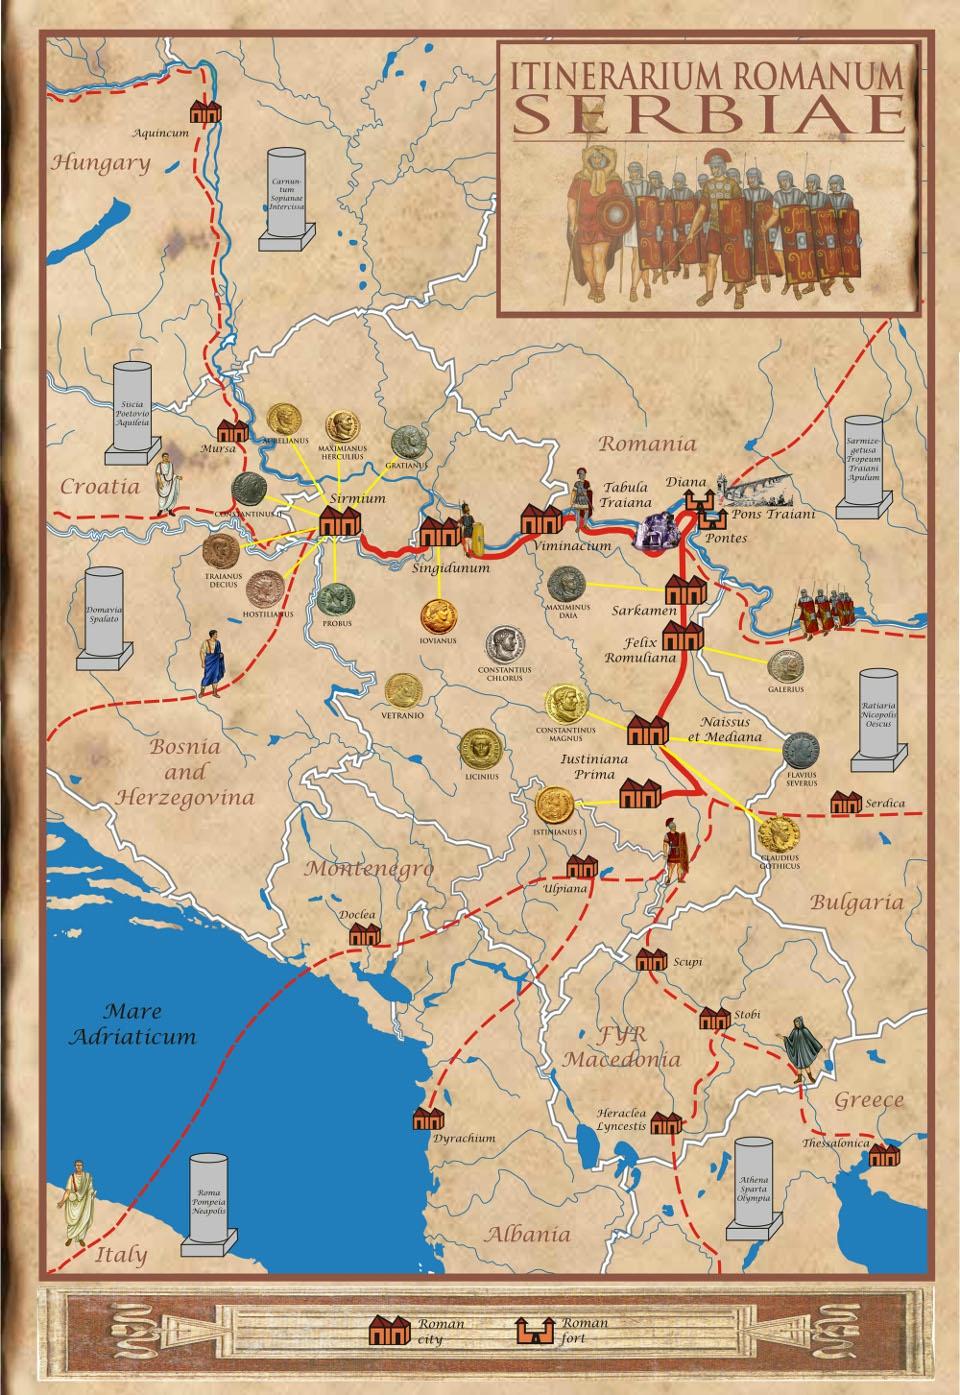 Carte des sites romains en Serbie